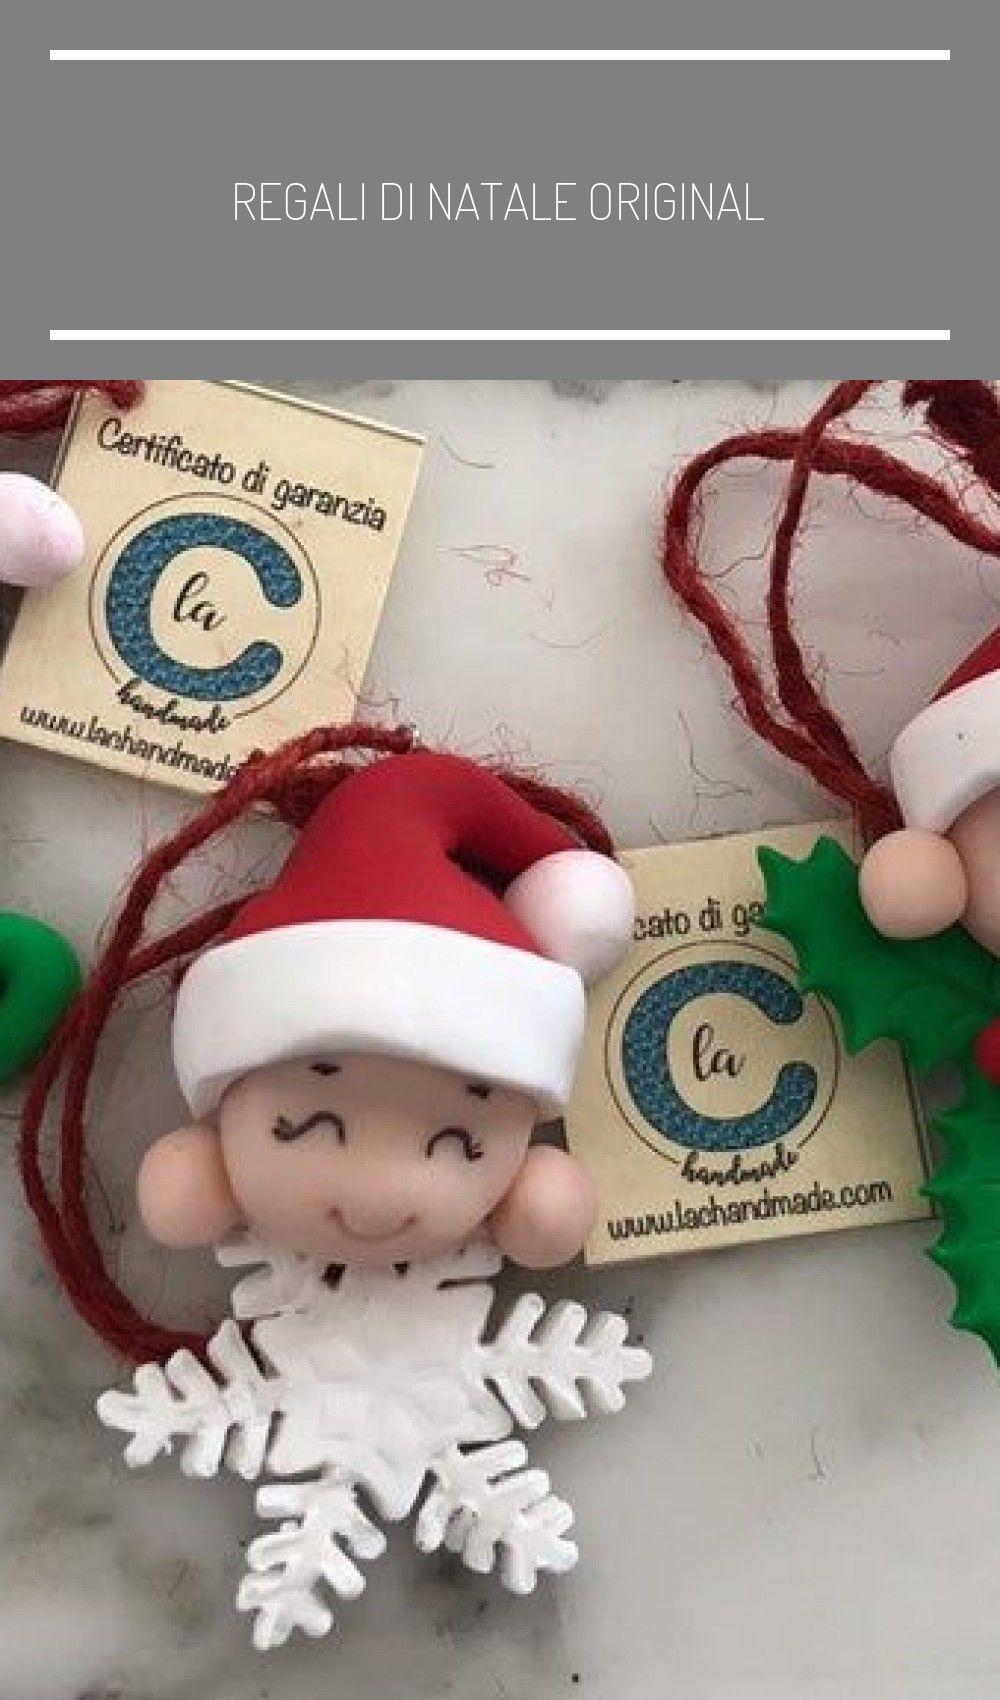 Regali di Natale originali e personalizzati | Etsy #decorazioni